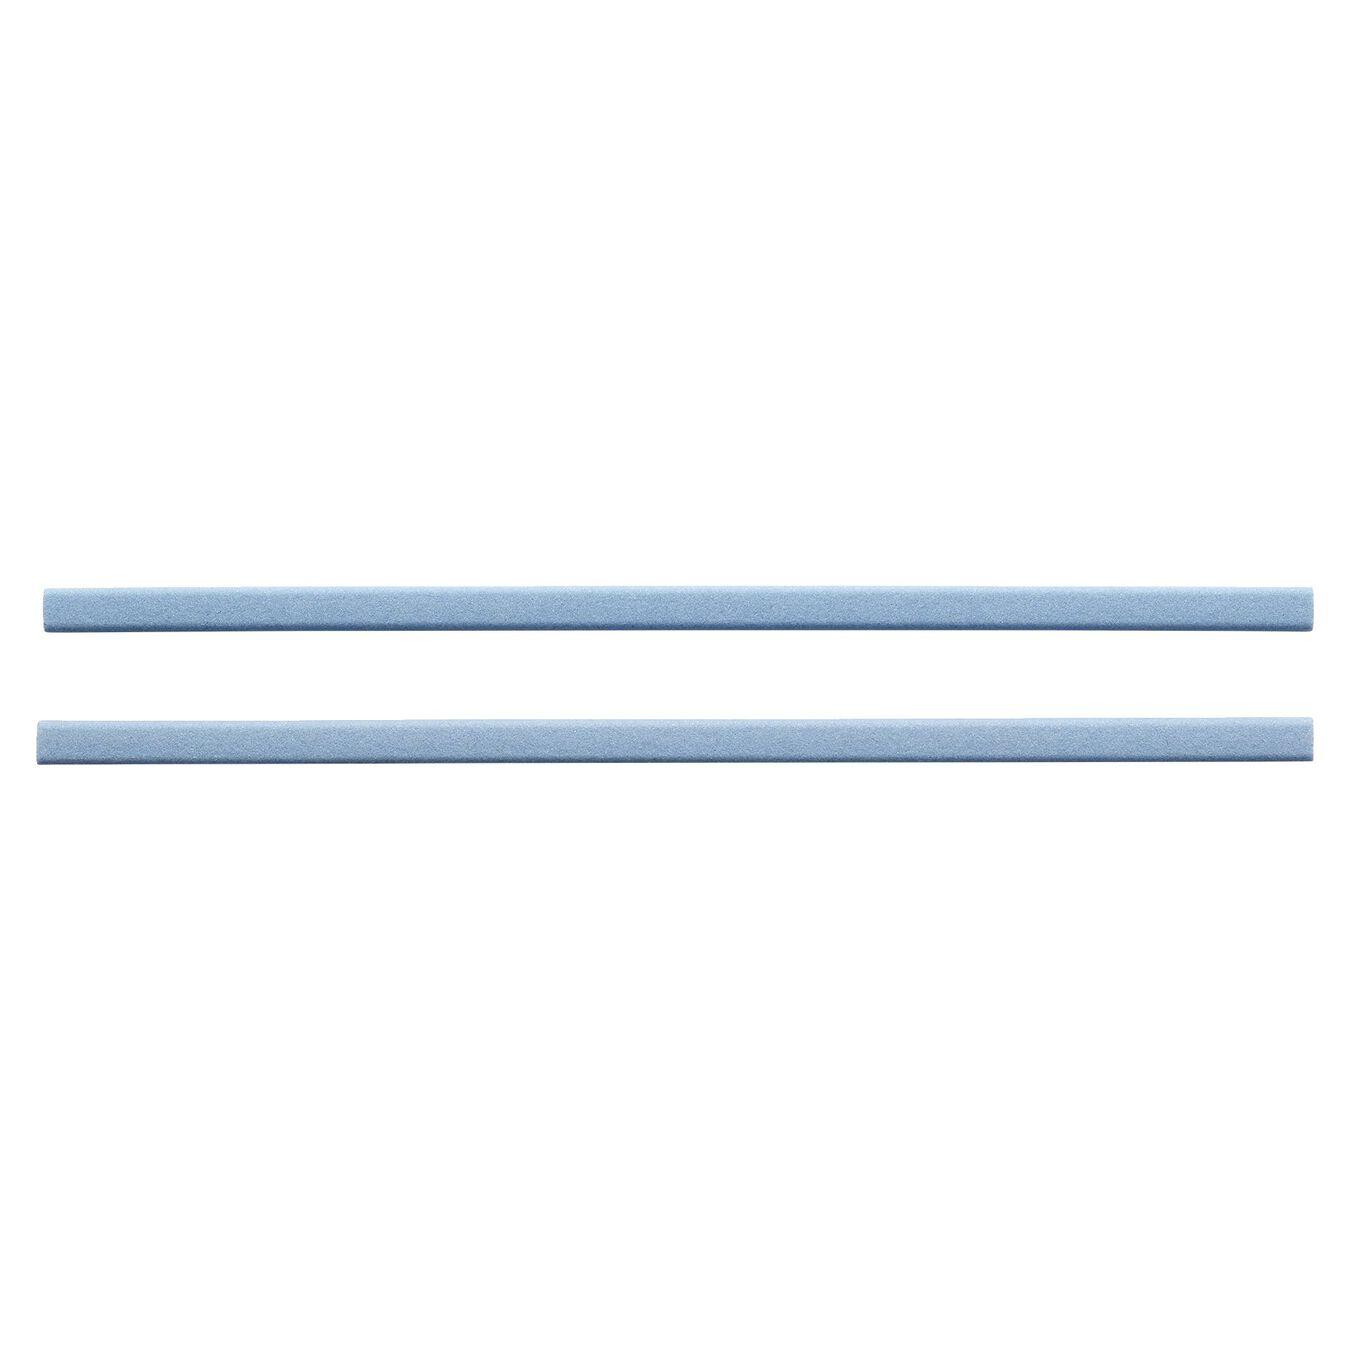 Hastes cerâmicas grão 150 - 2 un para afiador V-edge, 2 cm | Azul | Cerâmica,,large 1